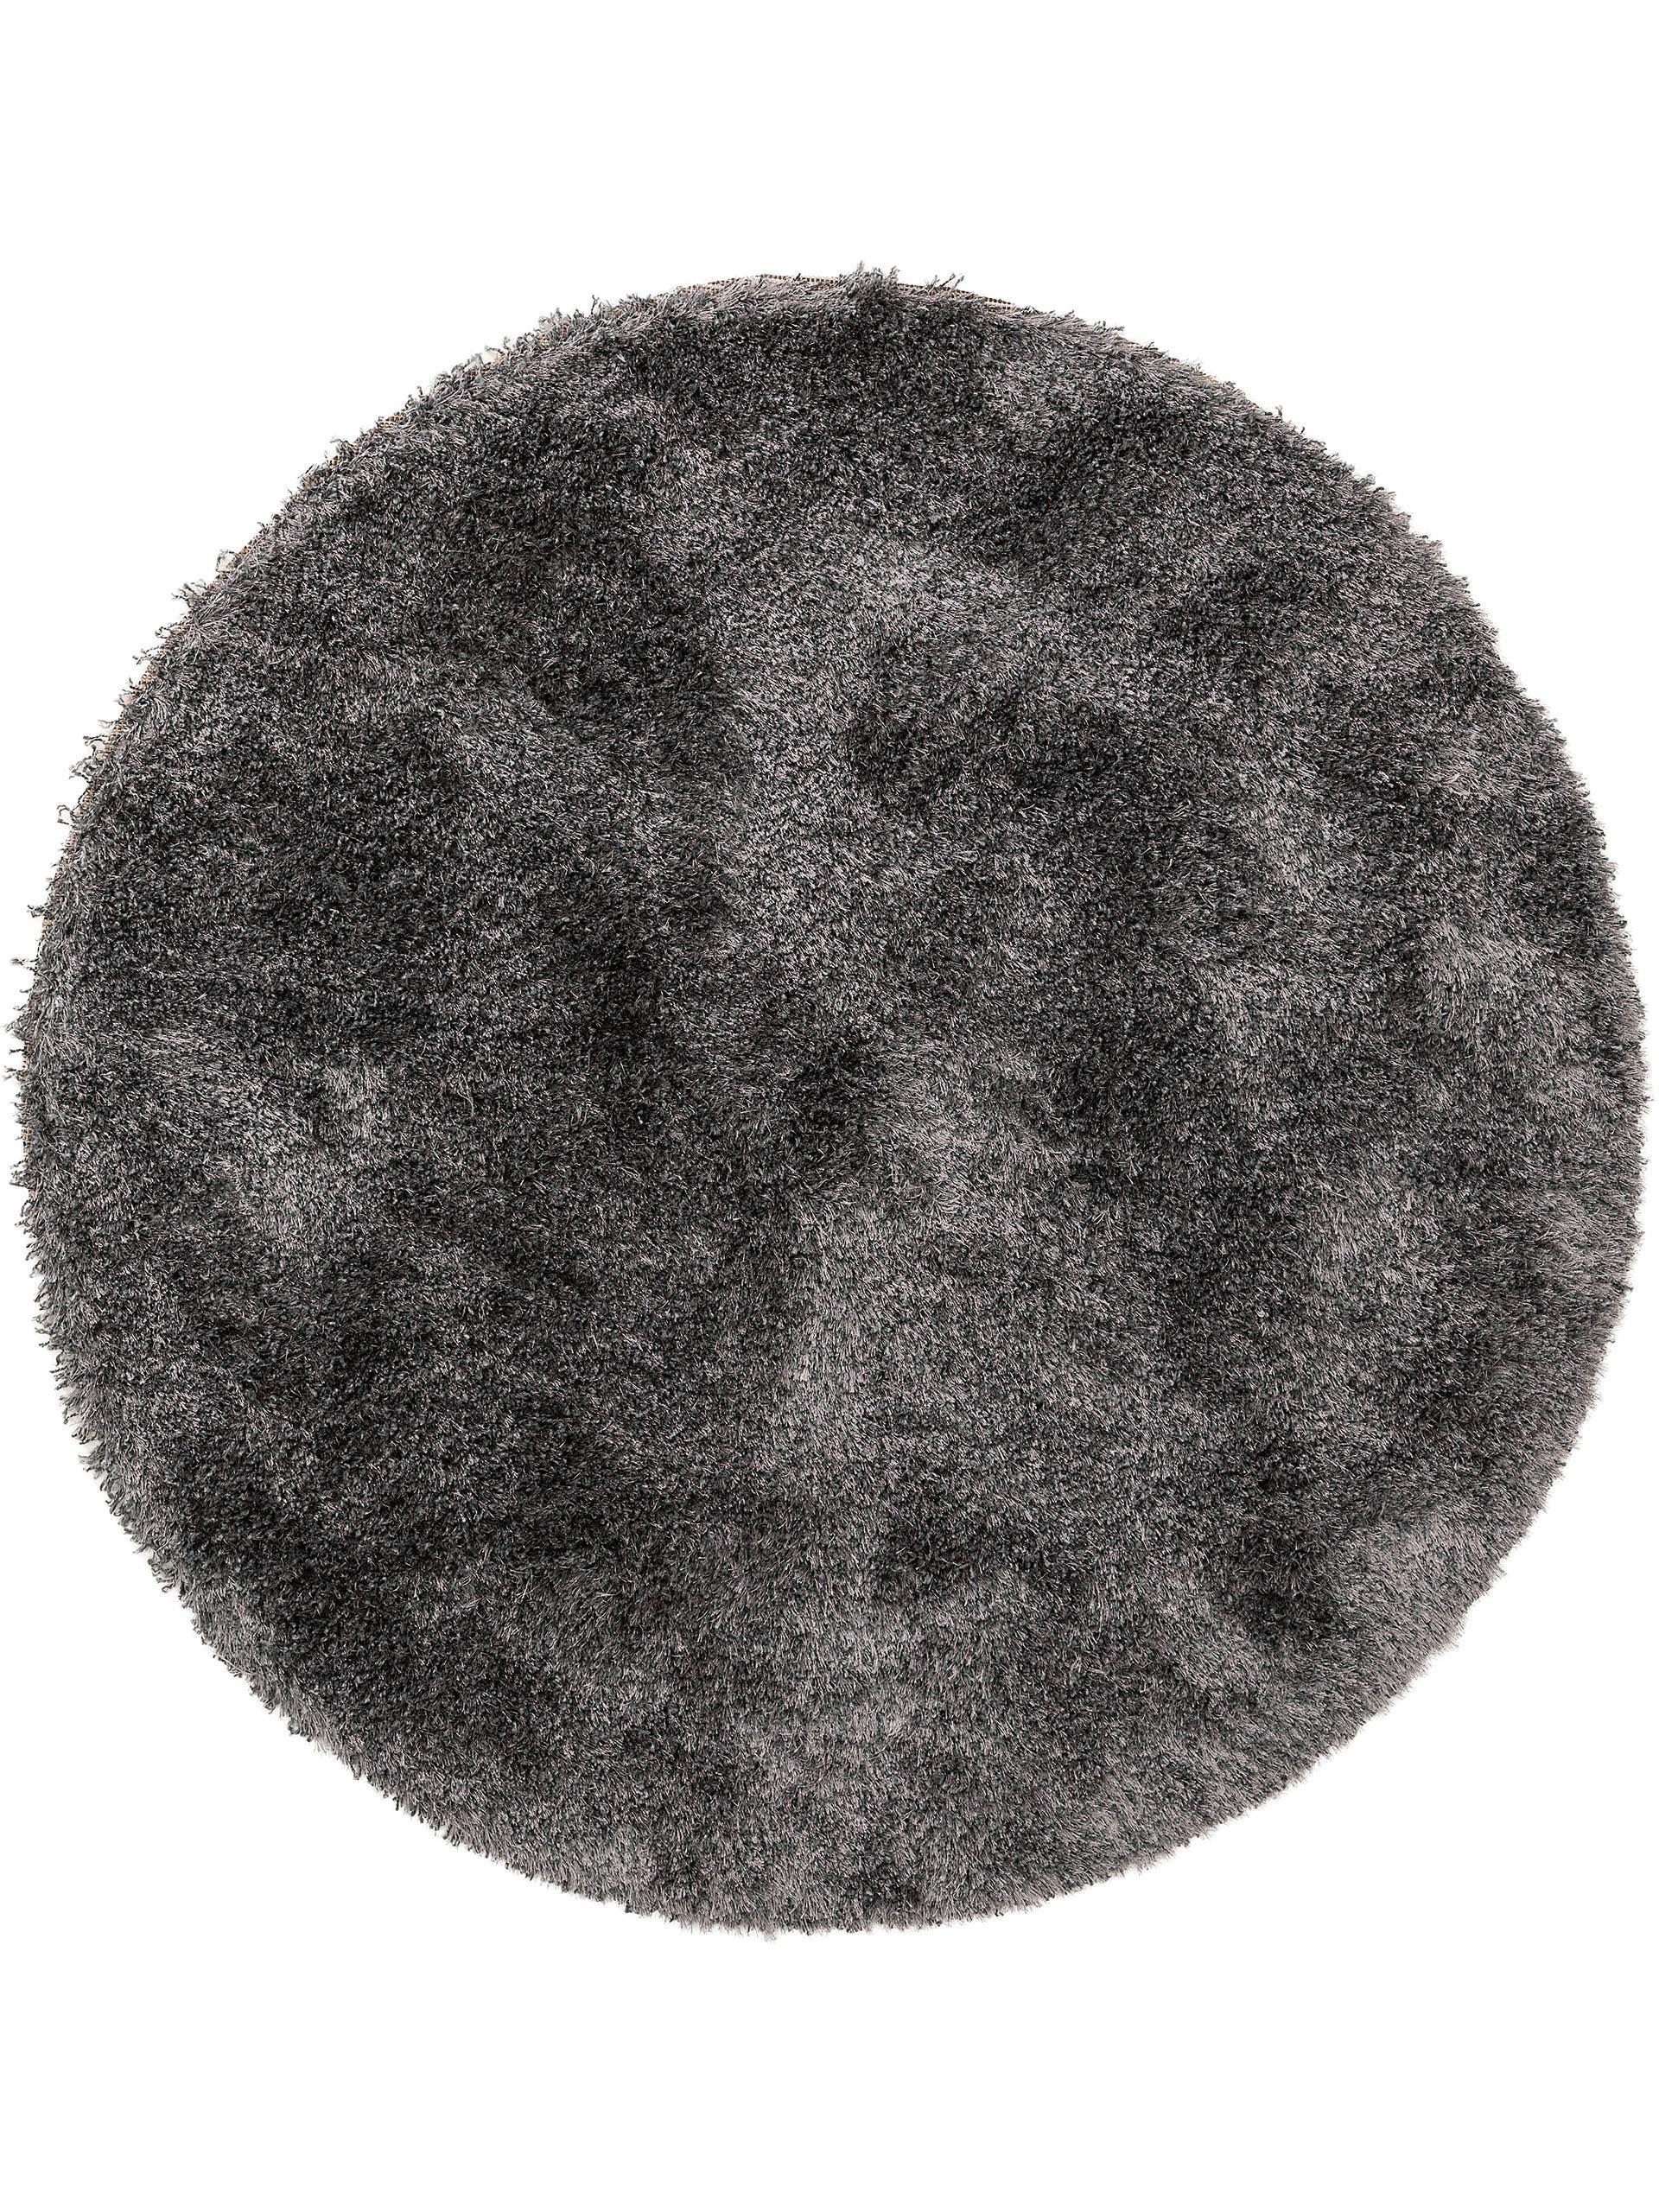 Tapis à poils longs gris D 120 rond